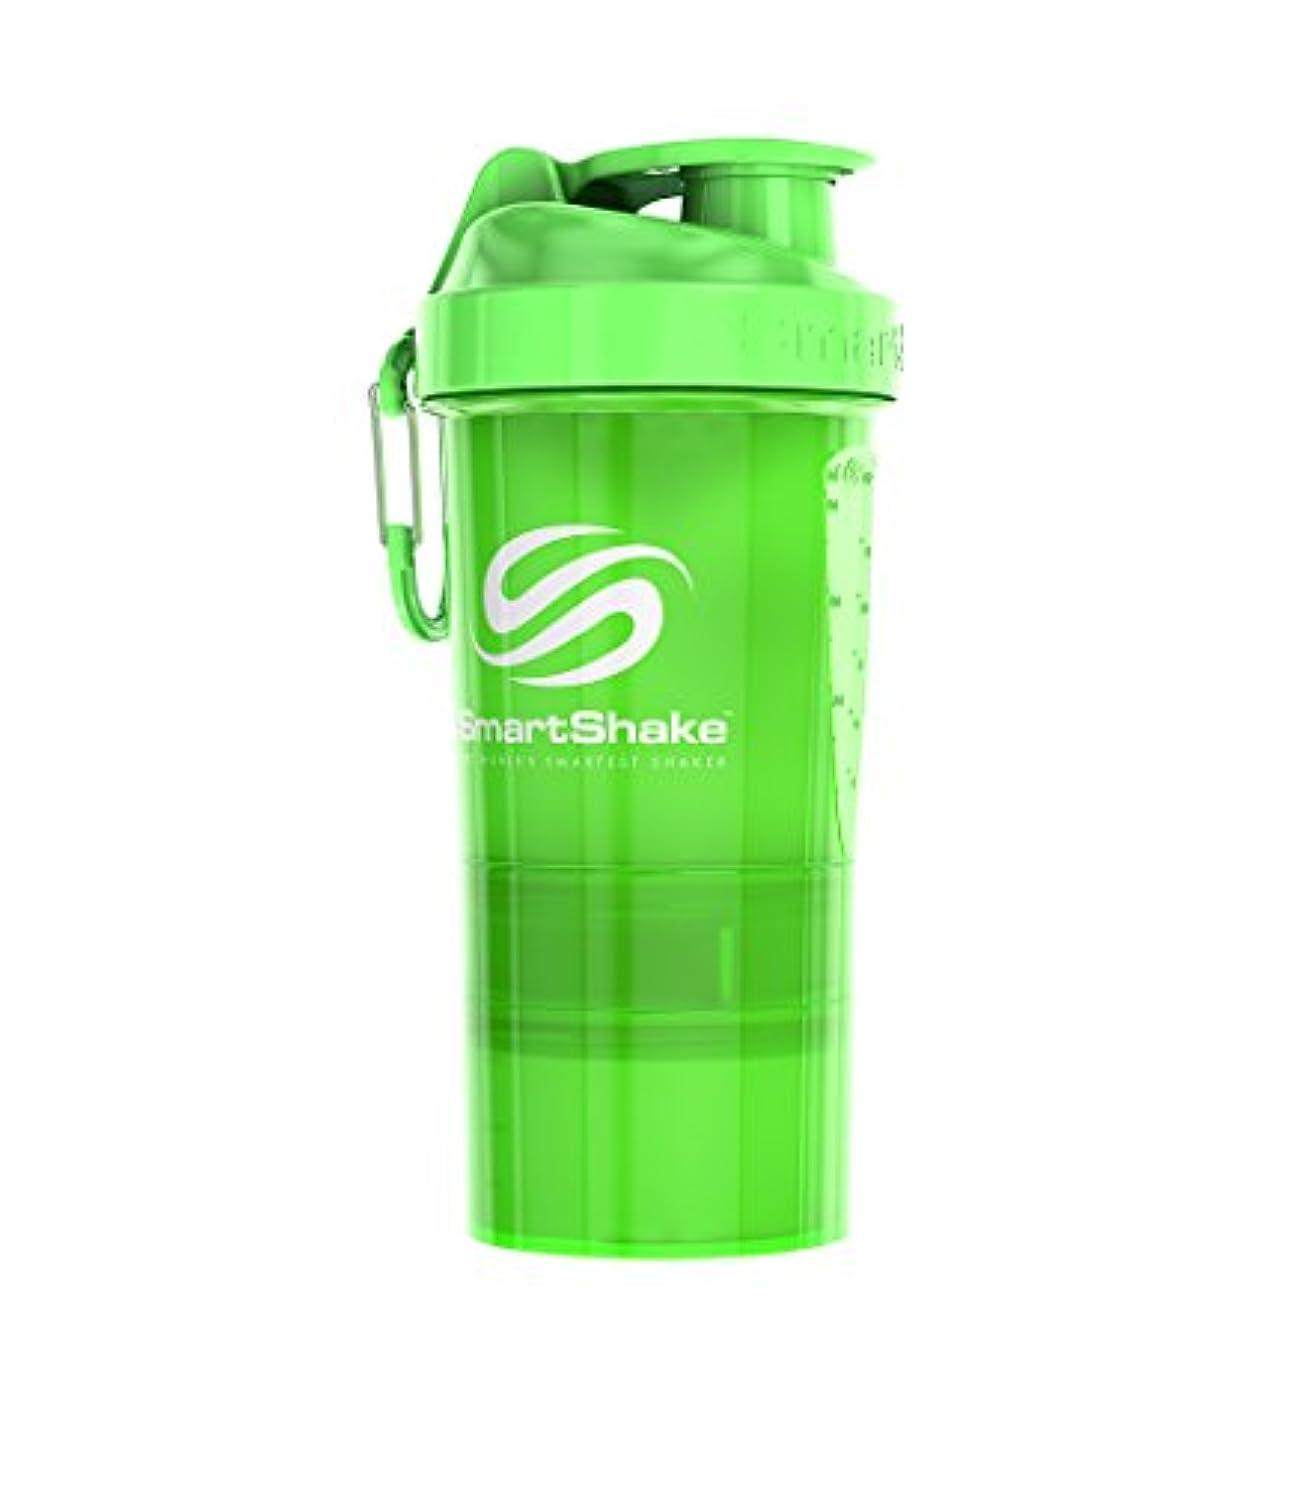 面倒静けさ遅いSmartShake(スマートシェイク) プロテインシェイカー SmartShake NEON Green